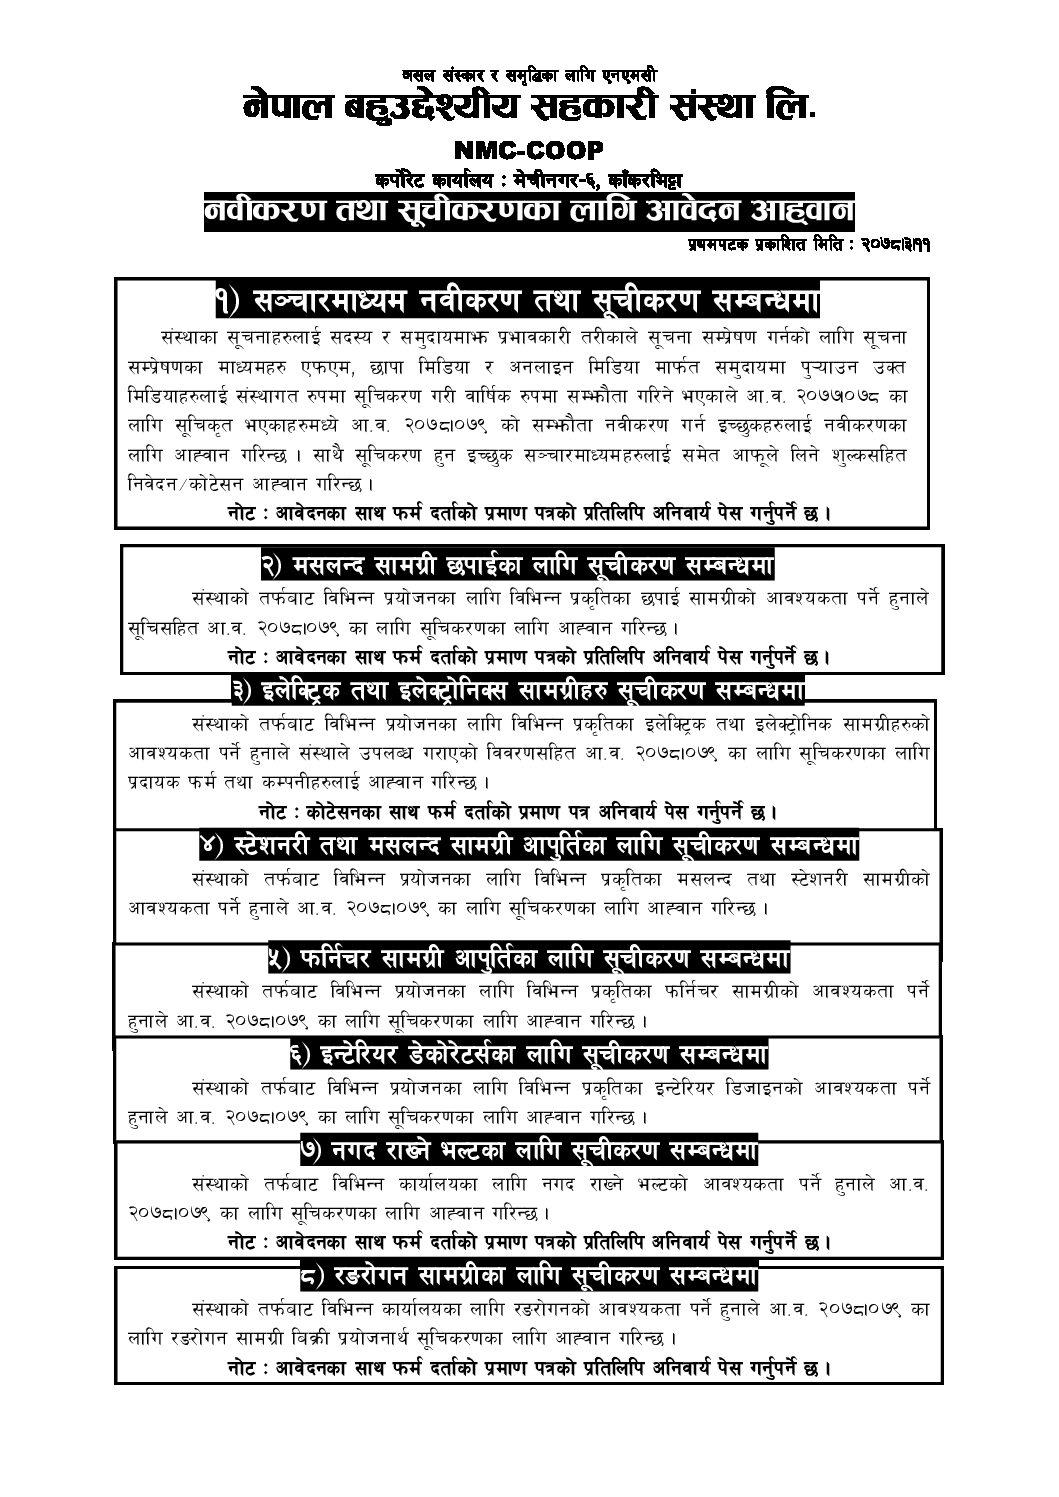 नेपाल बहुउद्देश्यीय सहकारी संस्था लि.को सूचना